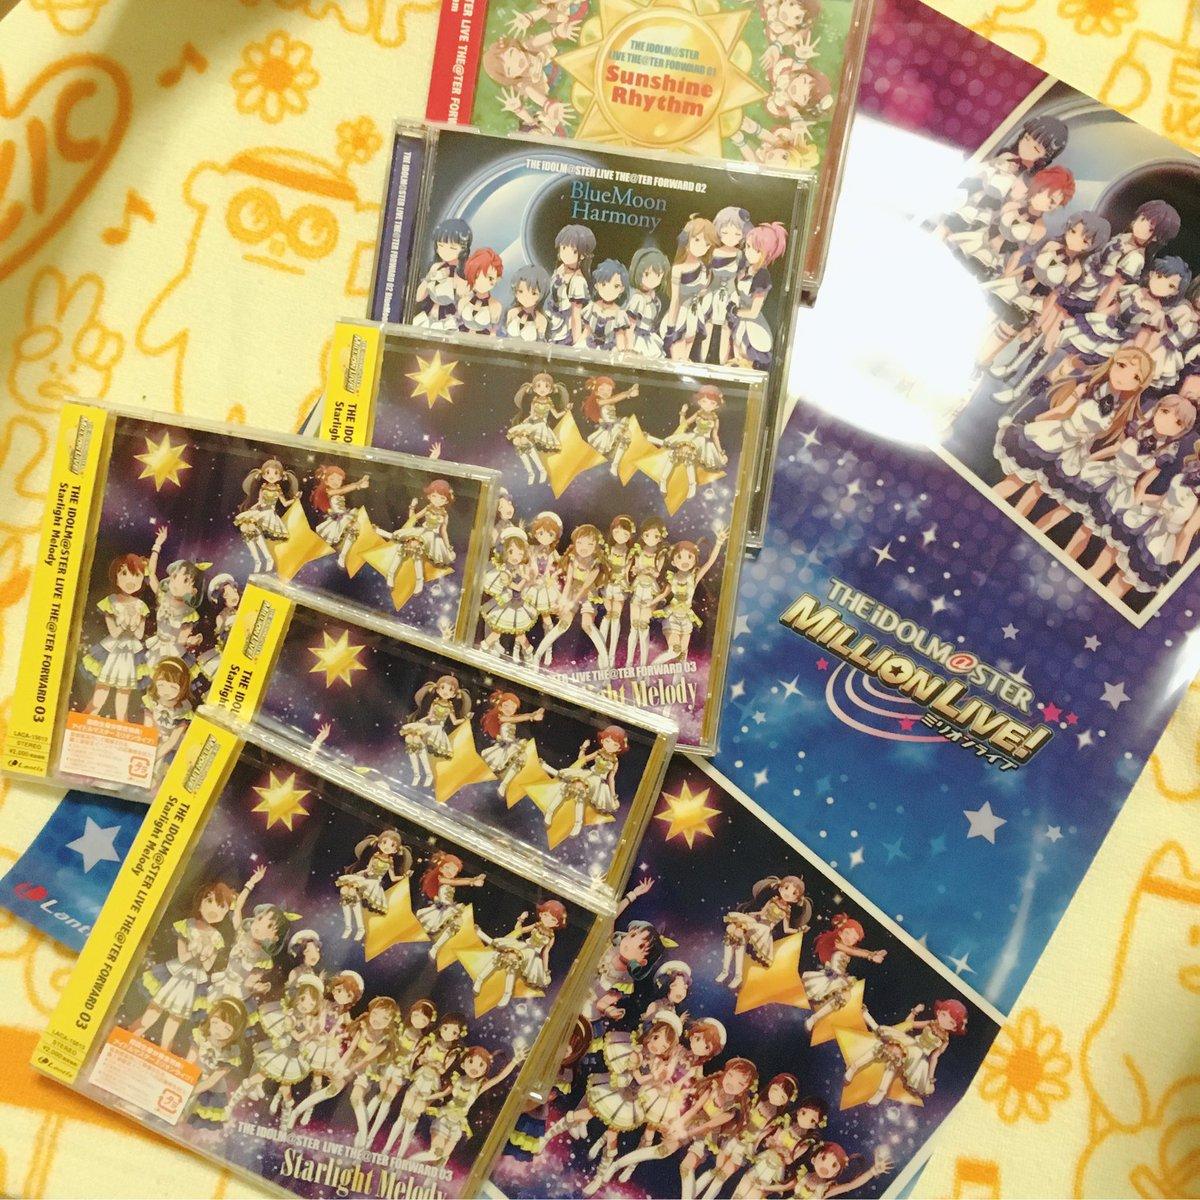 そうそう! 買い損ねていたCDをまとめて買えた〜〜(*´ω`*)💕ほくほく!💕